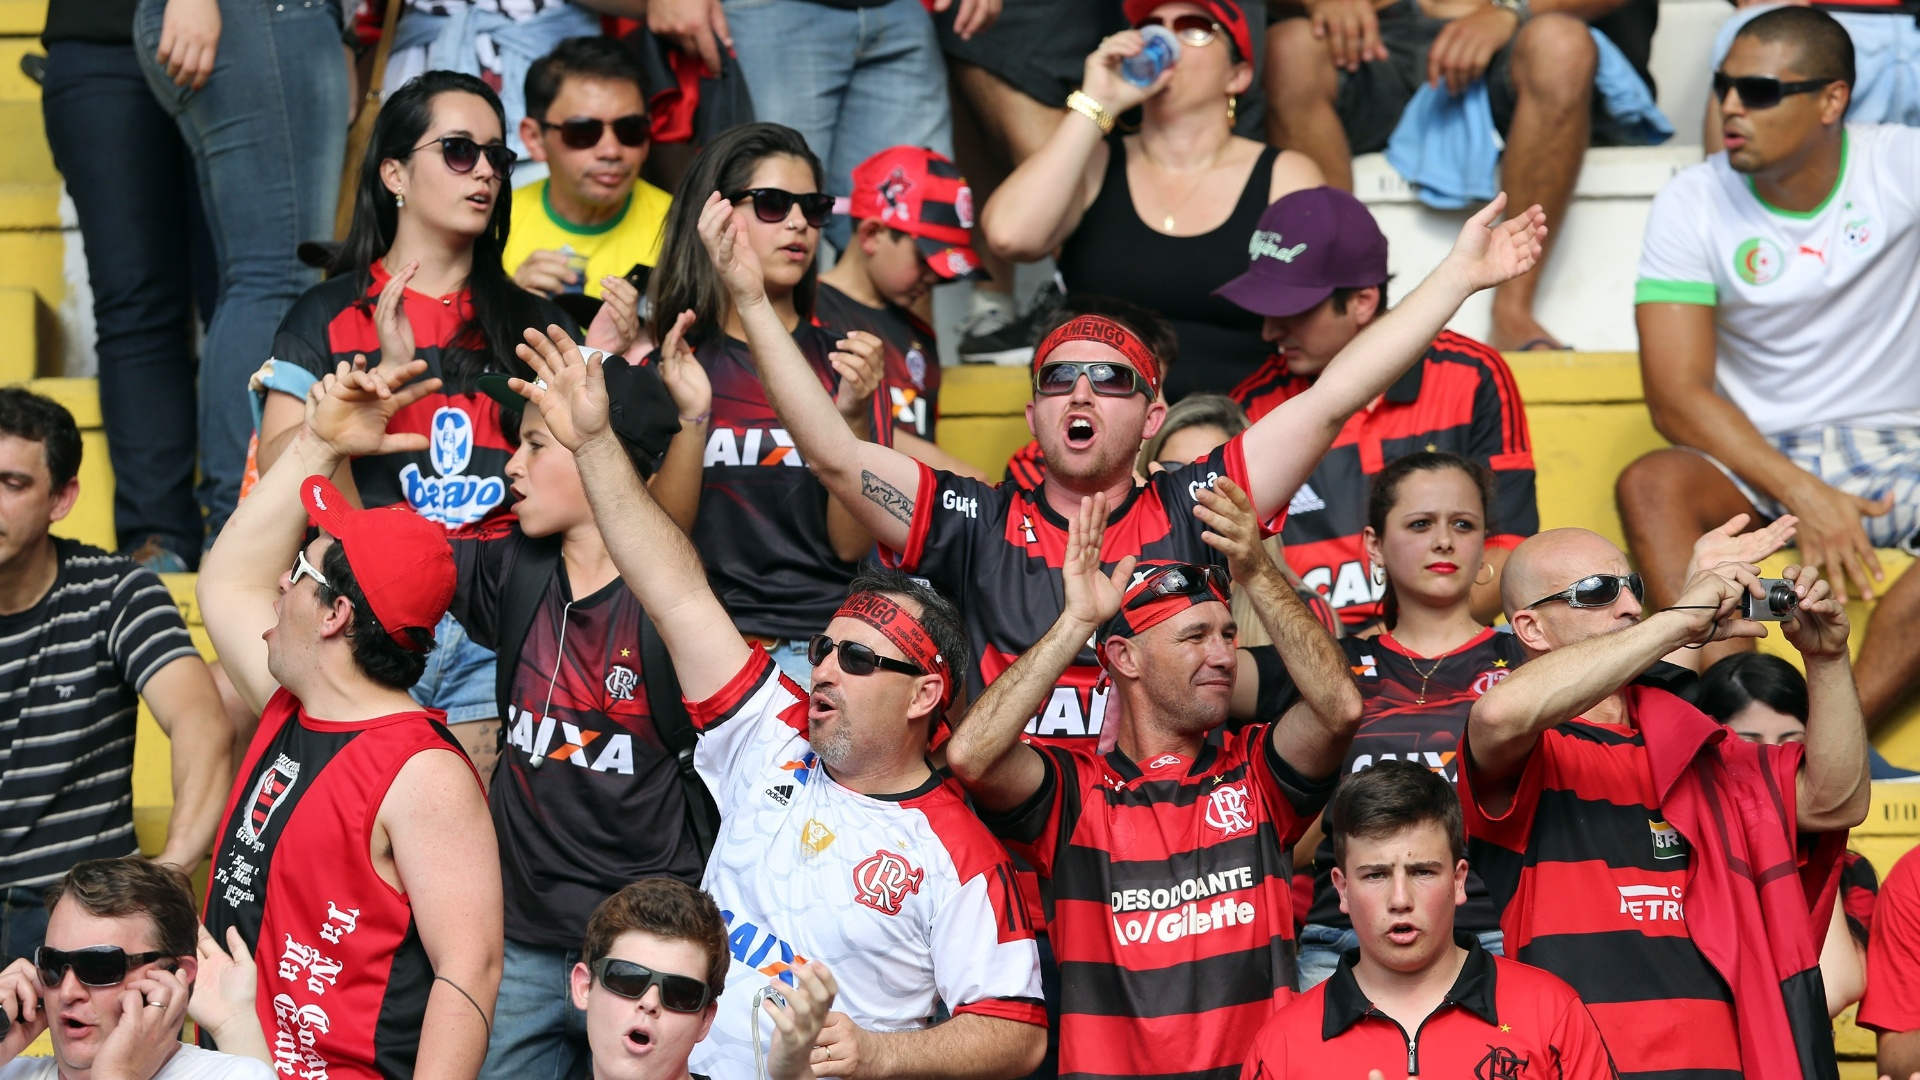 Torcedores do Flamengo durante do jogo deste domingo pelo Brasileiro